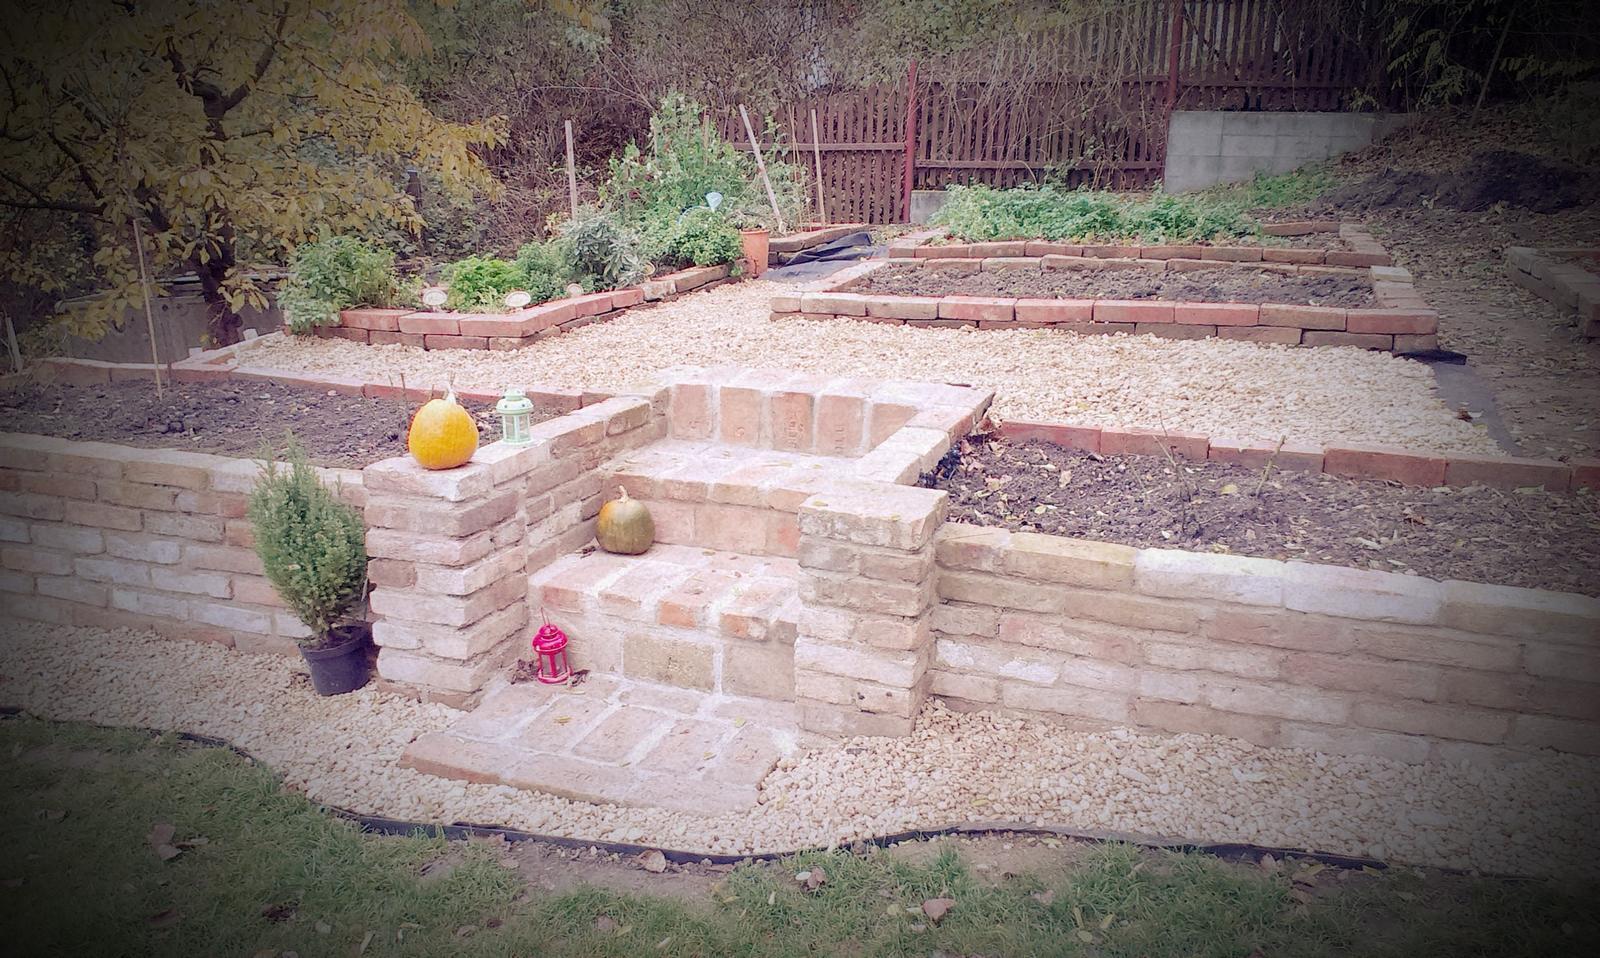 Záhrada - Posledné práce tento rok (často dokončované až za tmy) - zasypávanie chodníkov kačírkom. Nebude sa dať zasypať všetko lebo sa ešte bude vzadu stavať ale niekde sa začať musí